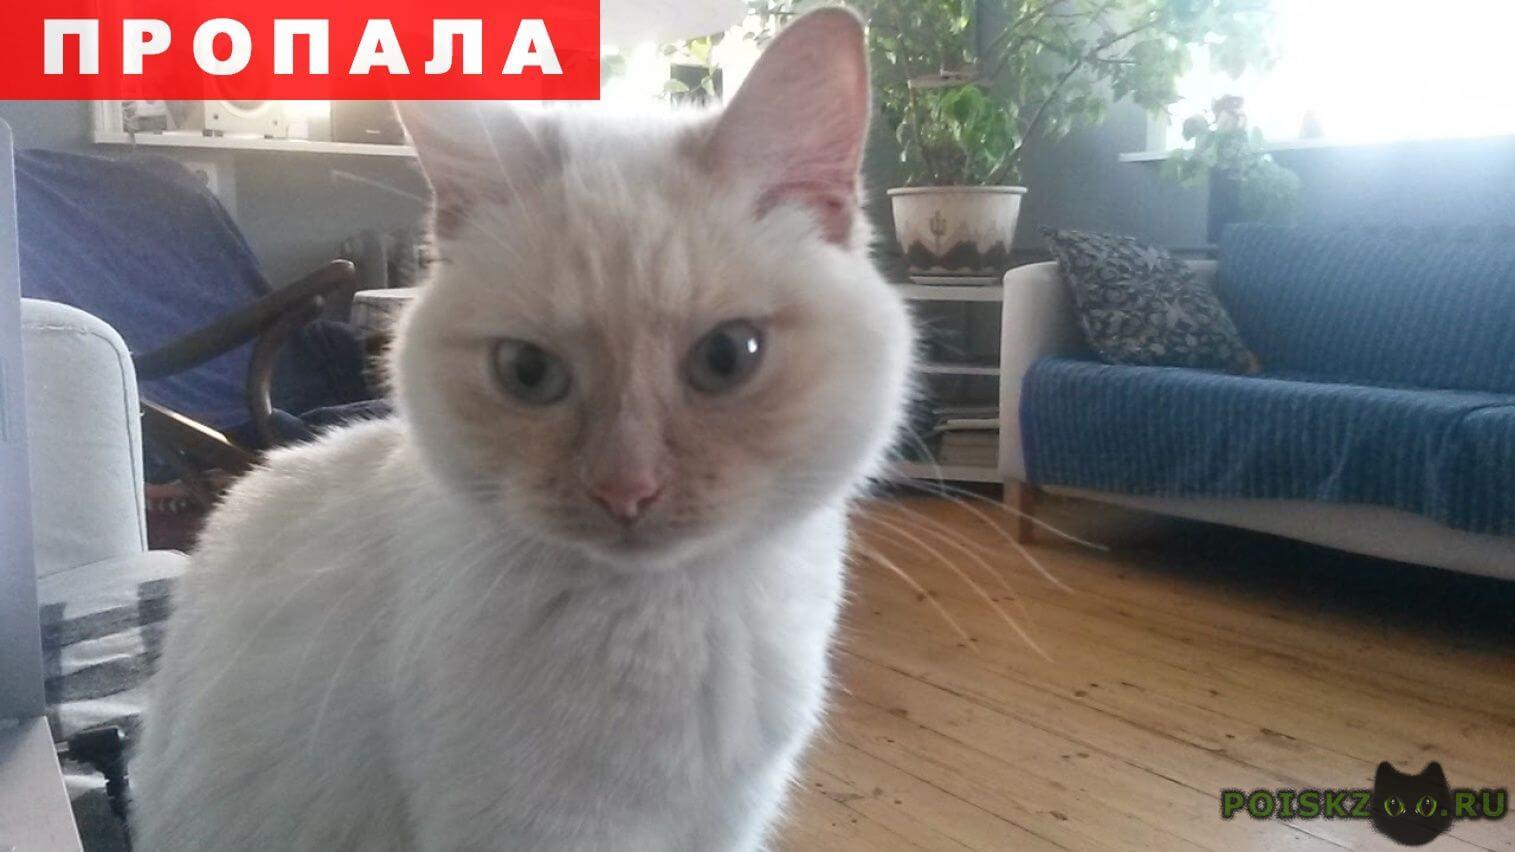 Пропала кошка помогите  г.Москва